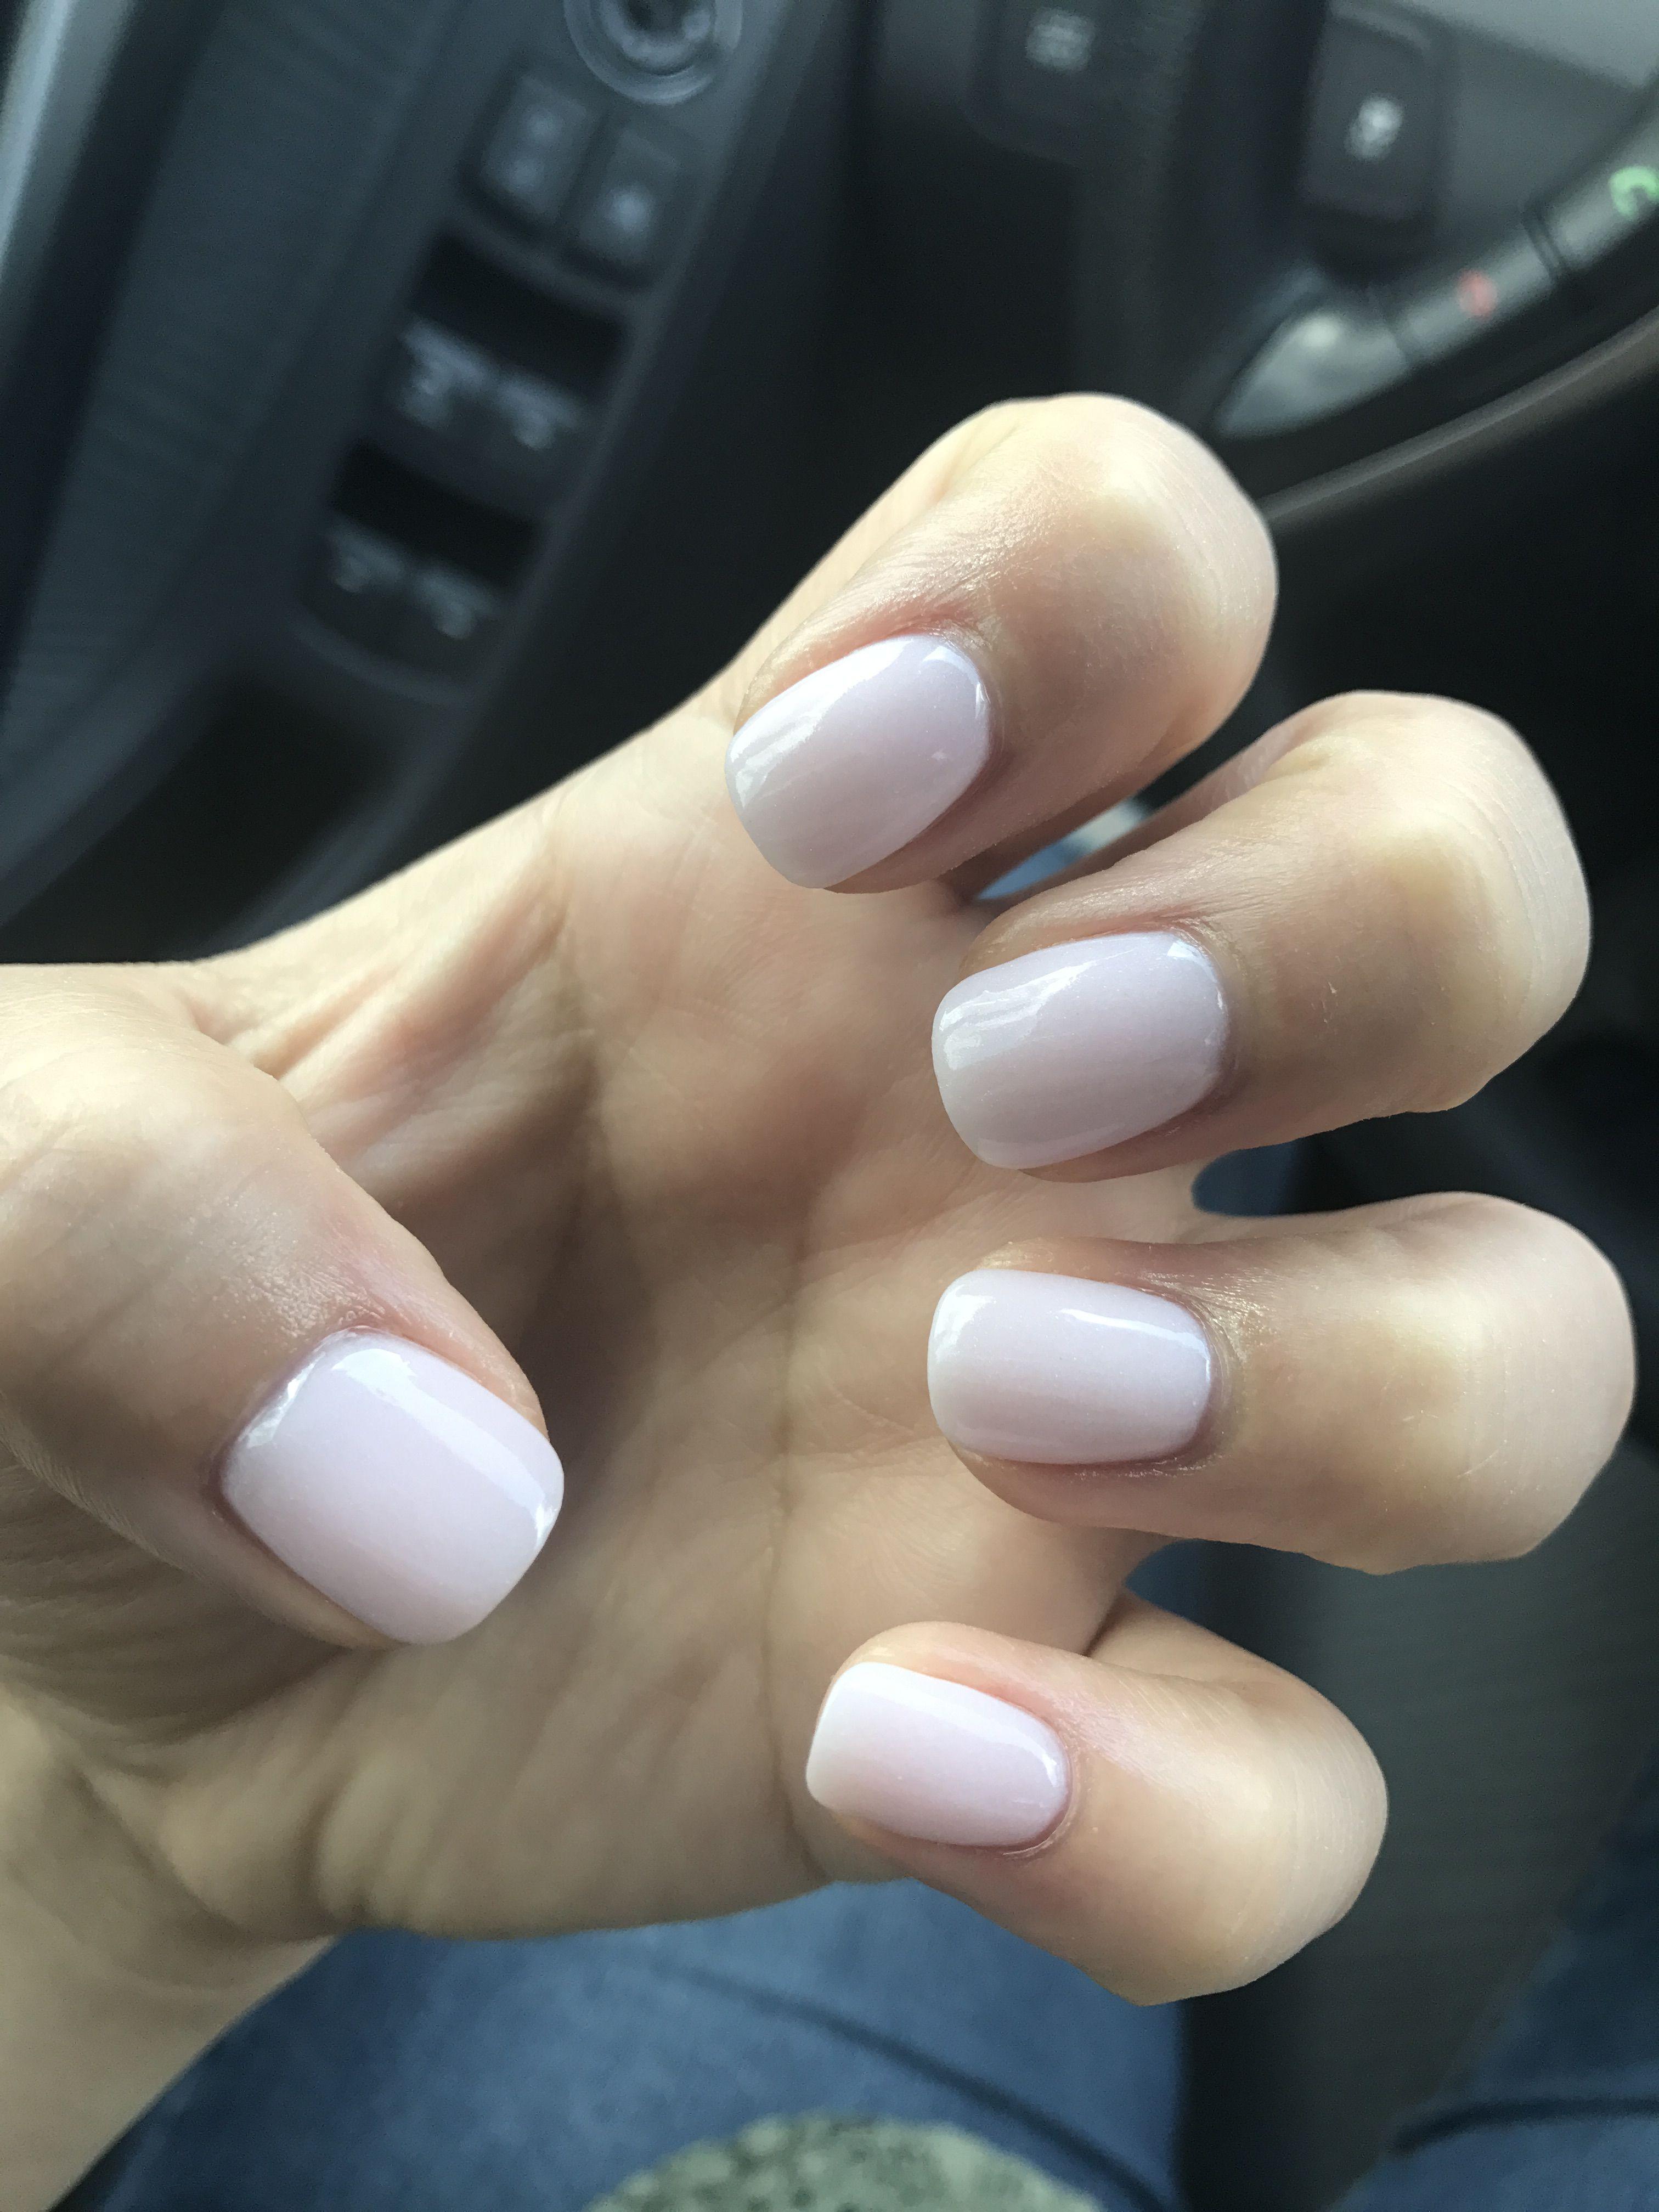 SNS pink nails - P018 😍💅 | Nails, Pink nails, My nails